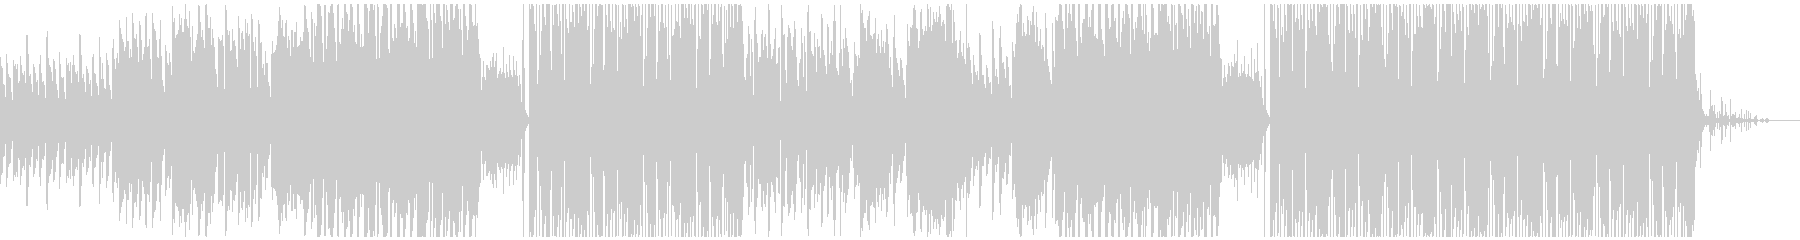 切ない歌とオリエンタルなEDMの未再生の波形